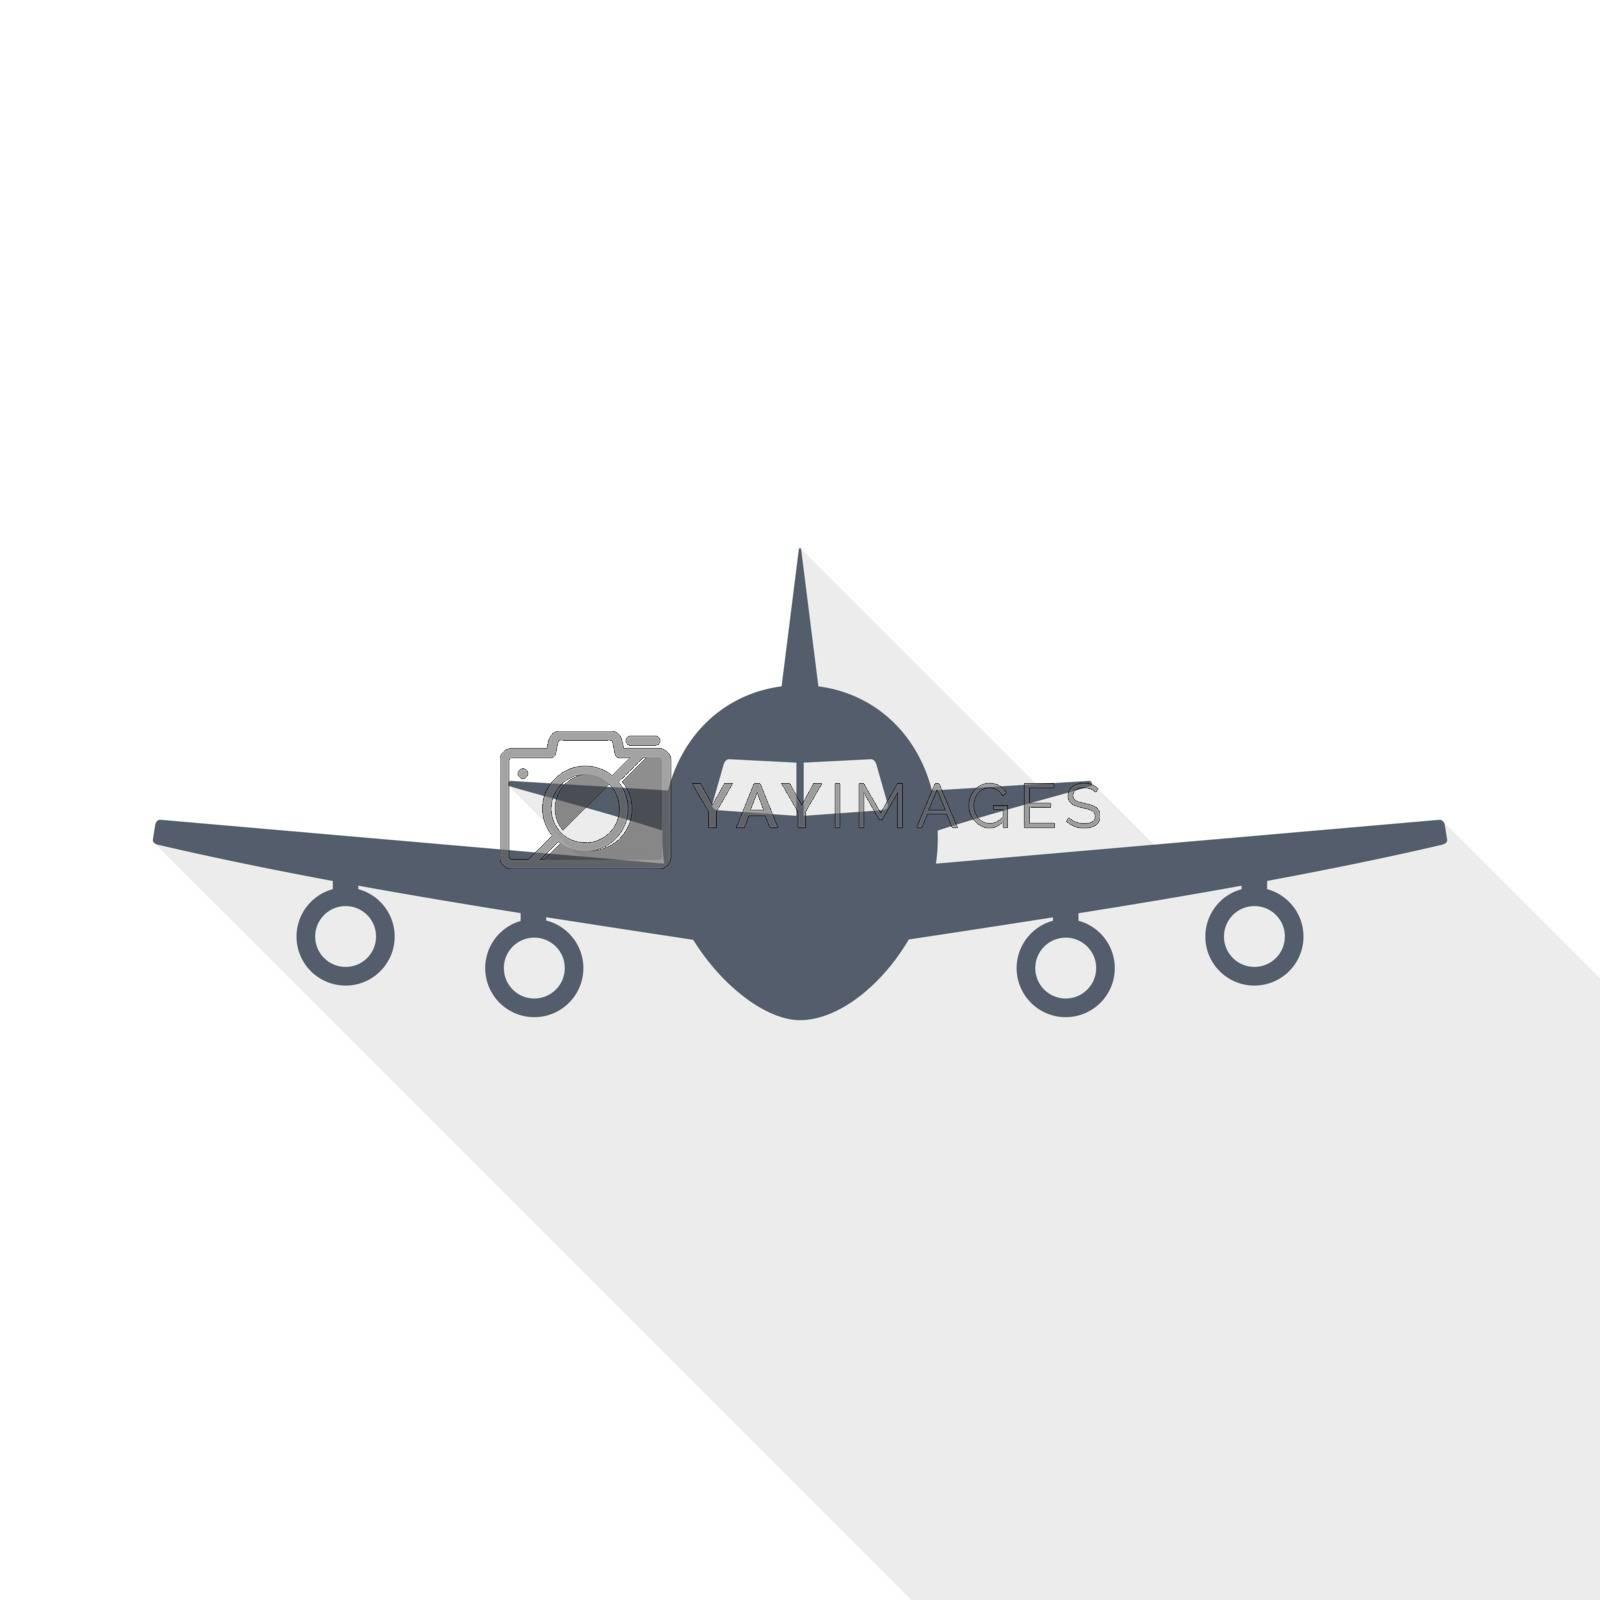 flight, plane, aircraft concept flat design vector icon